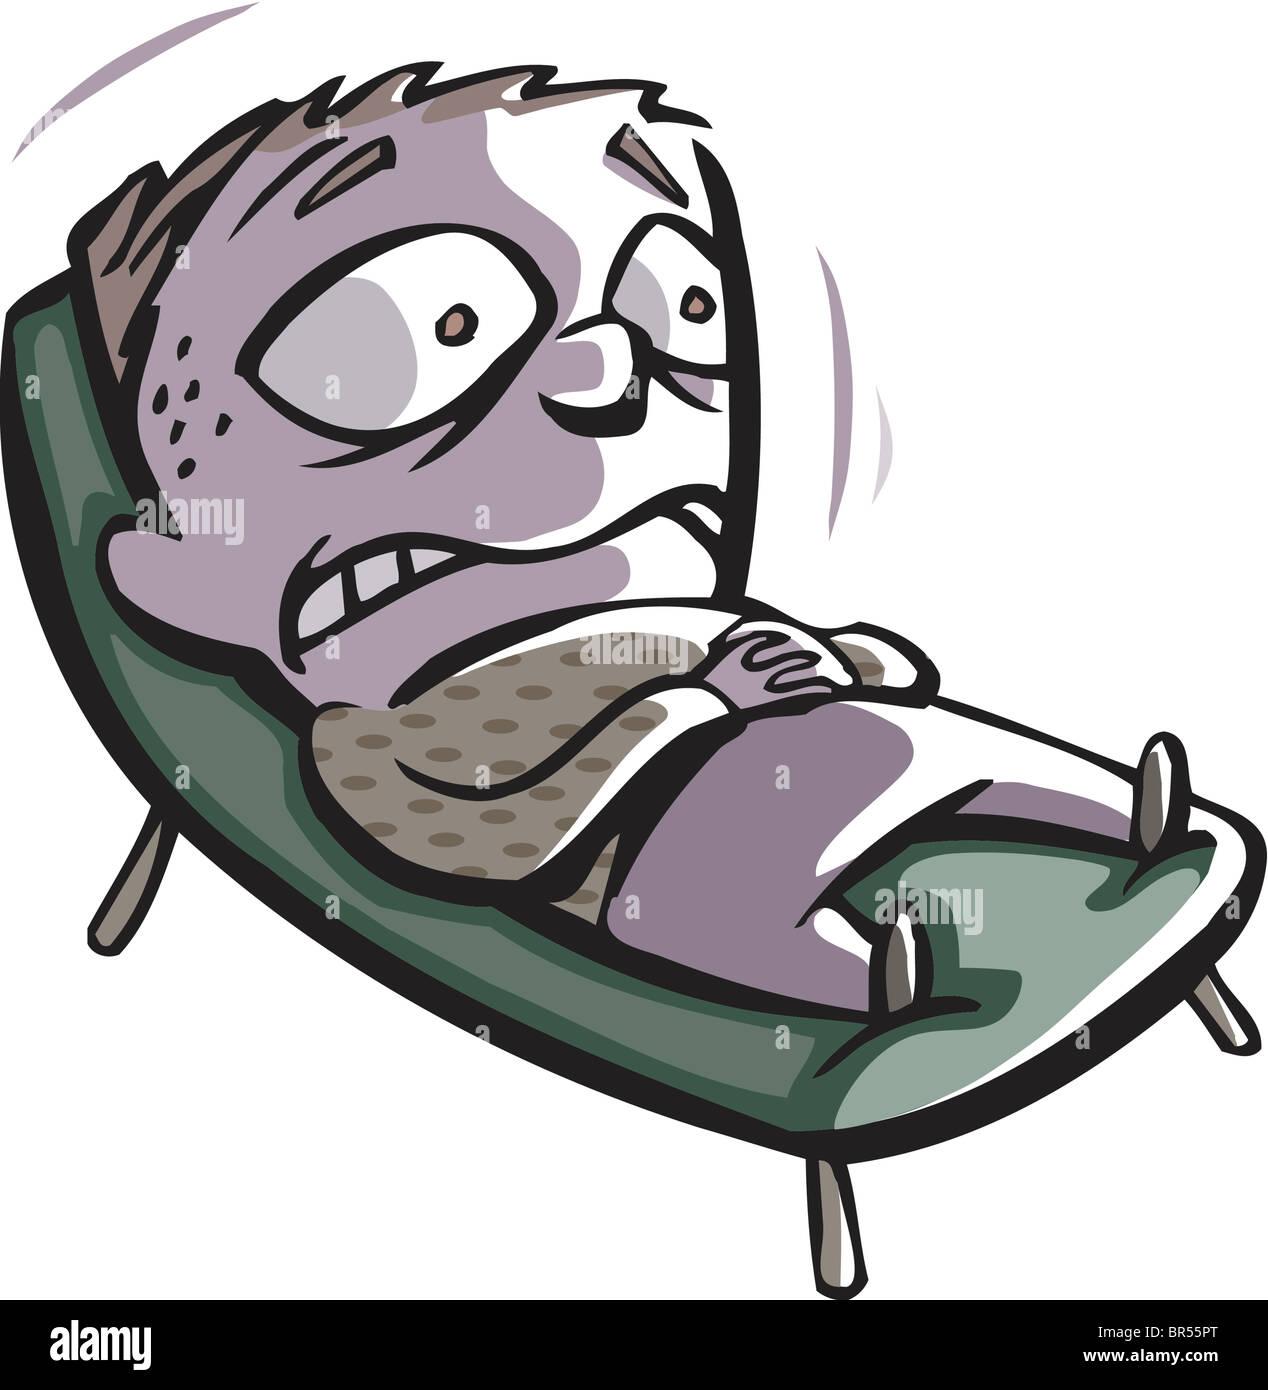 Mann und frau im liegestuhl clipart  Eine verängstigte Mann auf einem Liegestuhl liegend Stockfoto, Bild ...